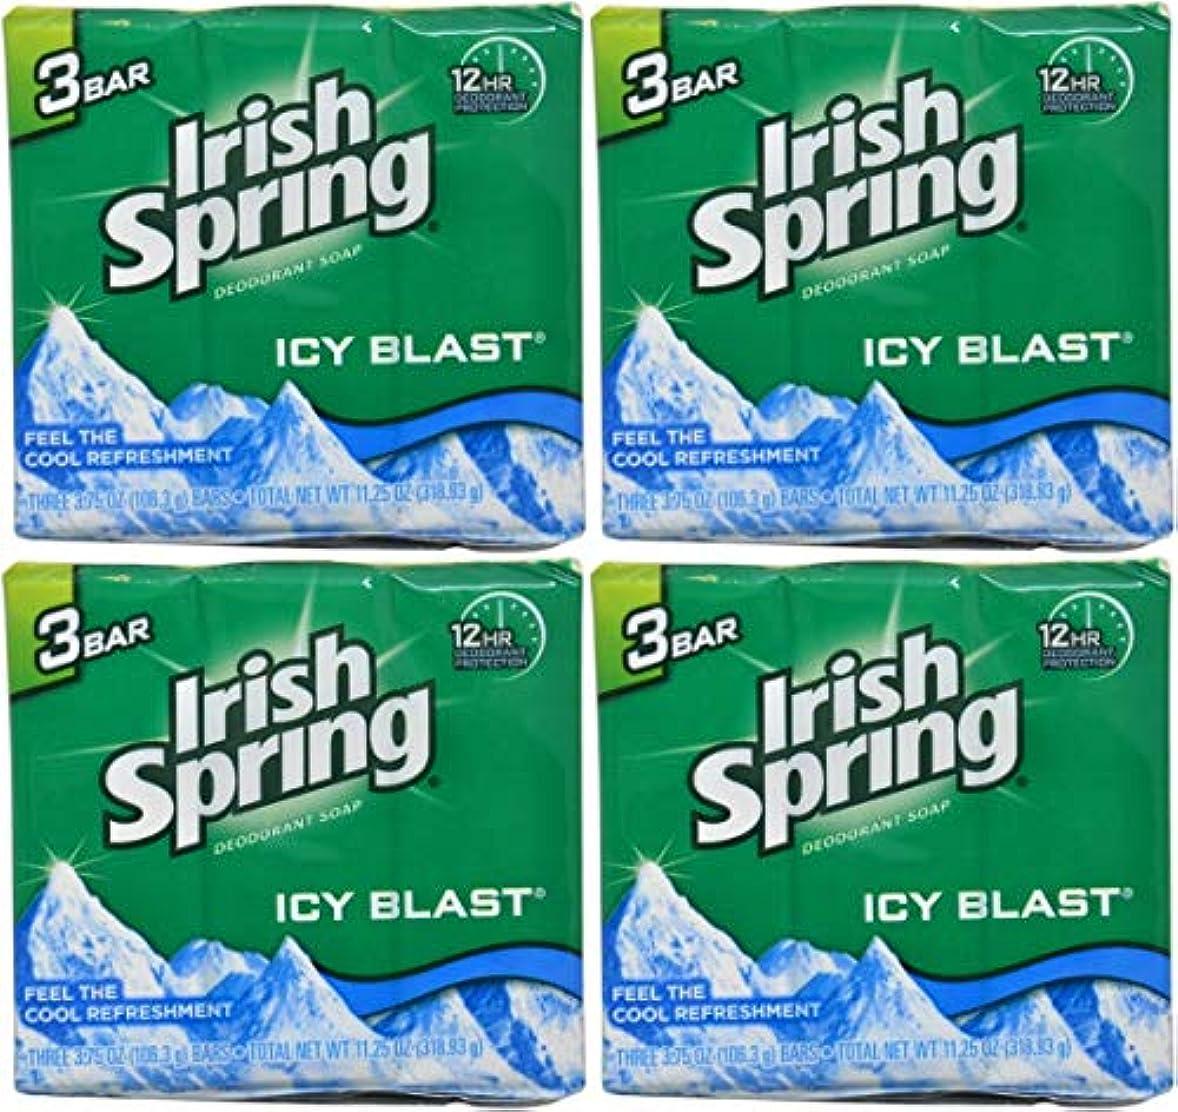 降下可能にする二次Irish Spring バースバー、アイシーブラスト3.75オズ、3小節の12カウント4Pack